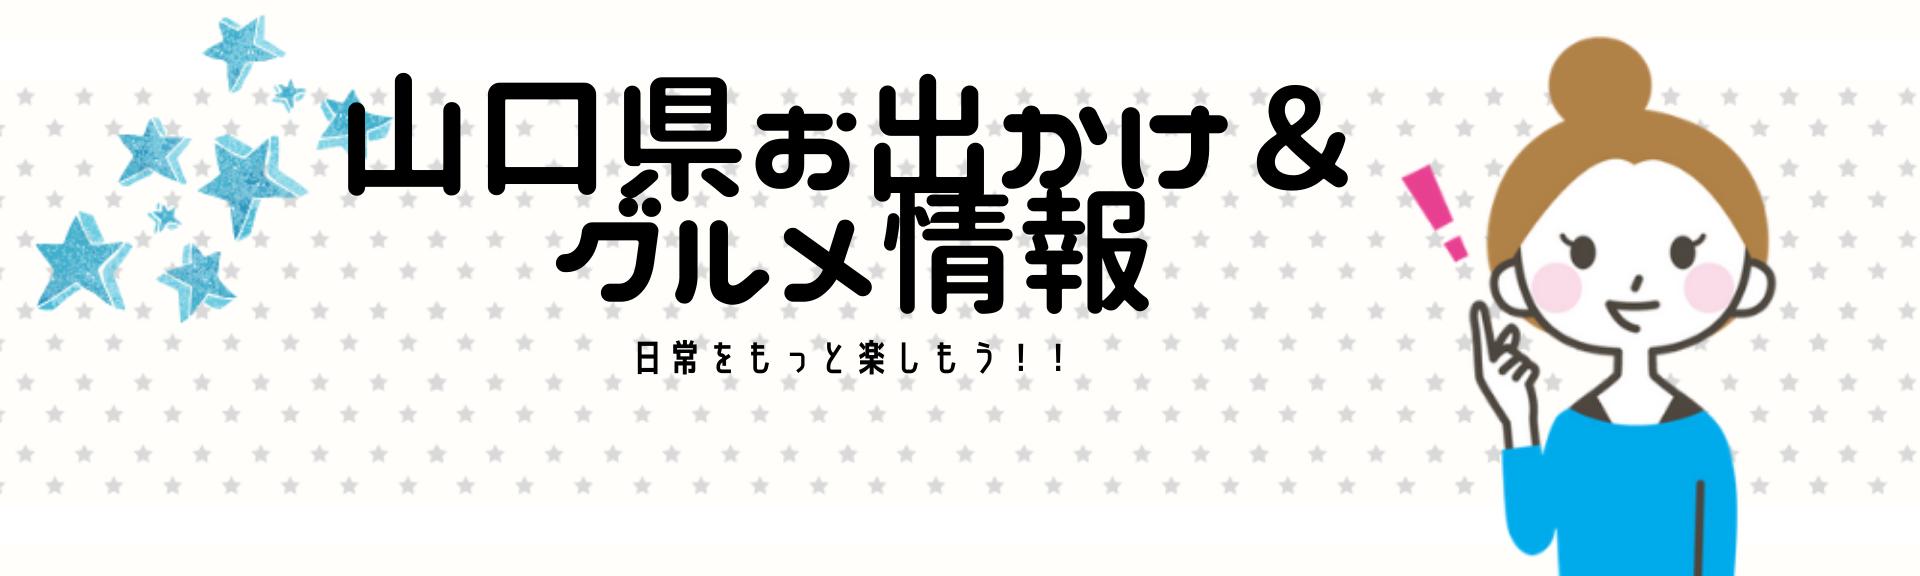 山口県お出かけ&グルメ情報